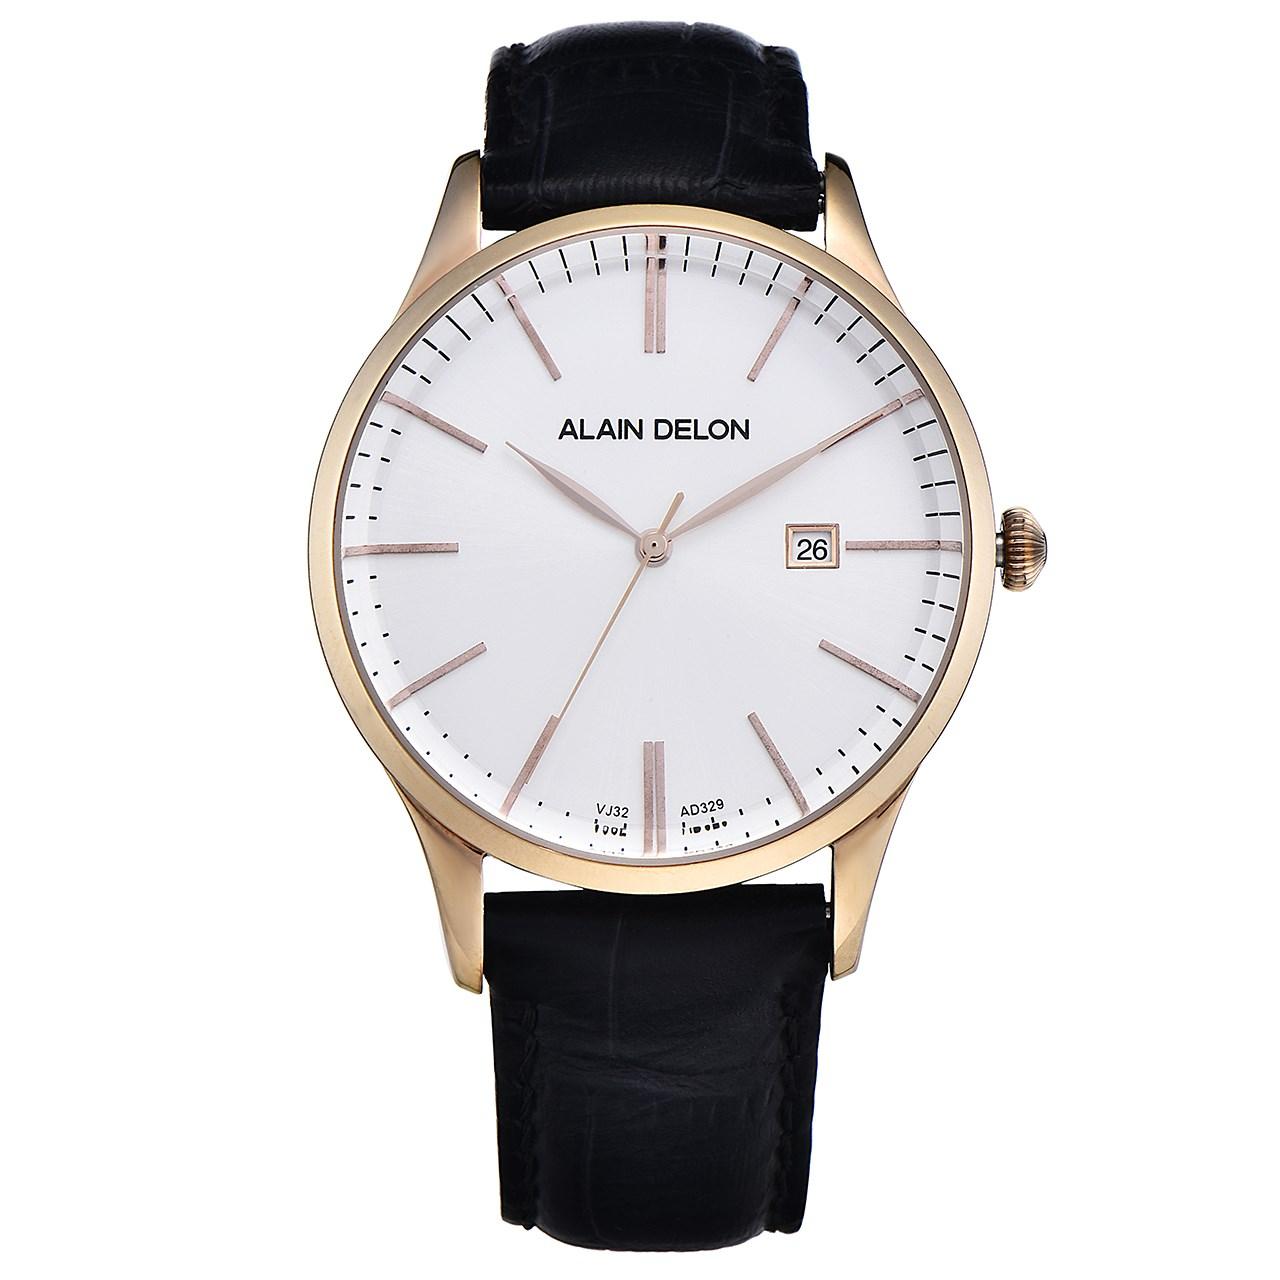 ساعت مچی عقربه ای مردانه آلن دلون مدل AD329-1519